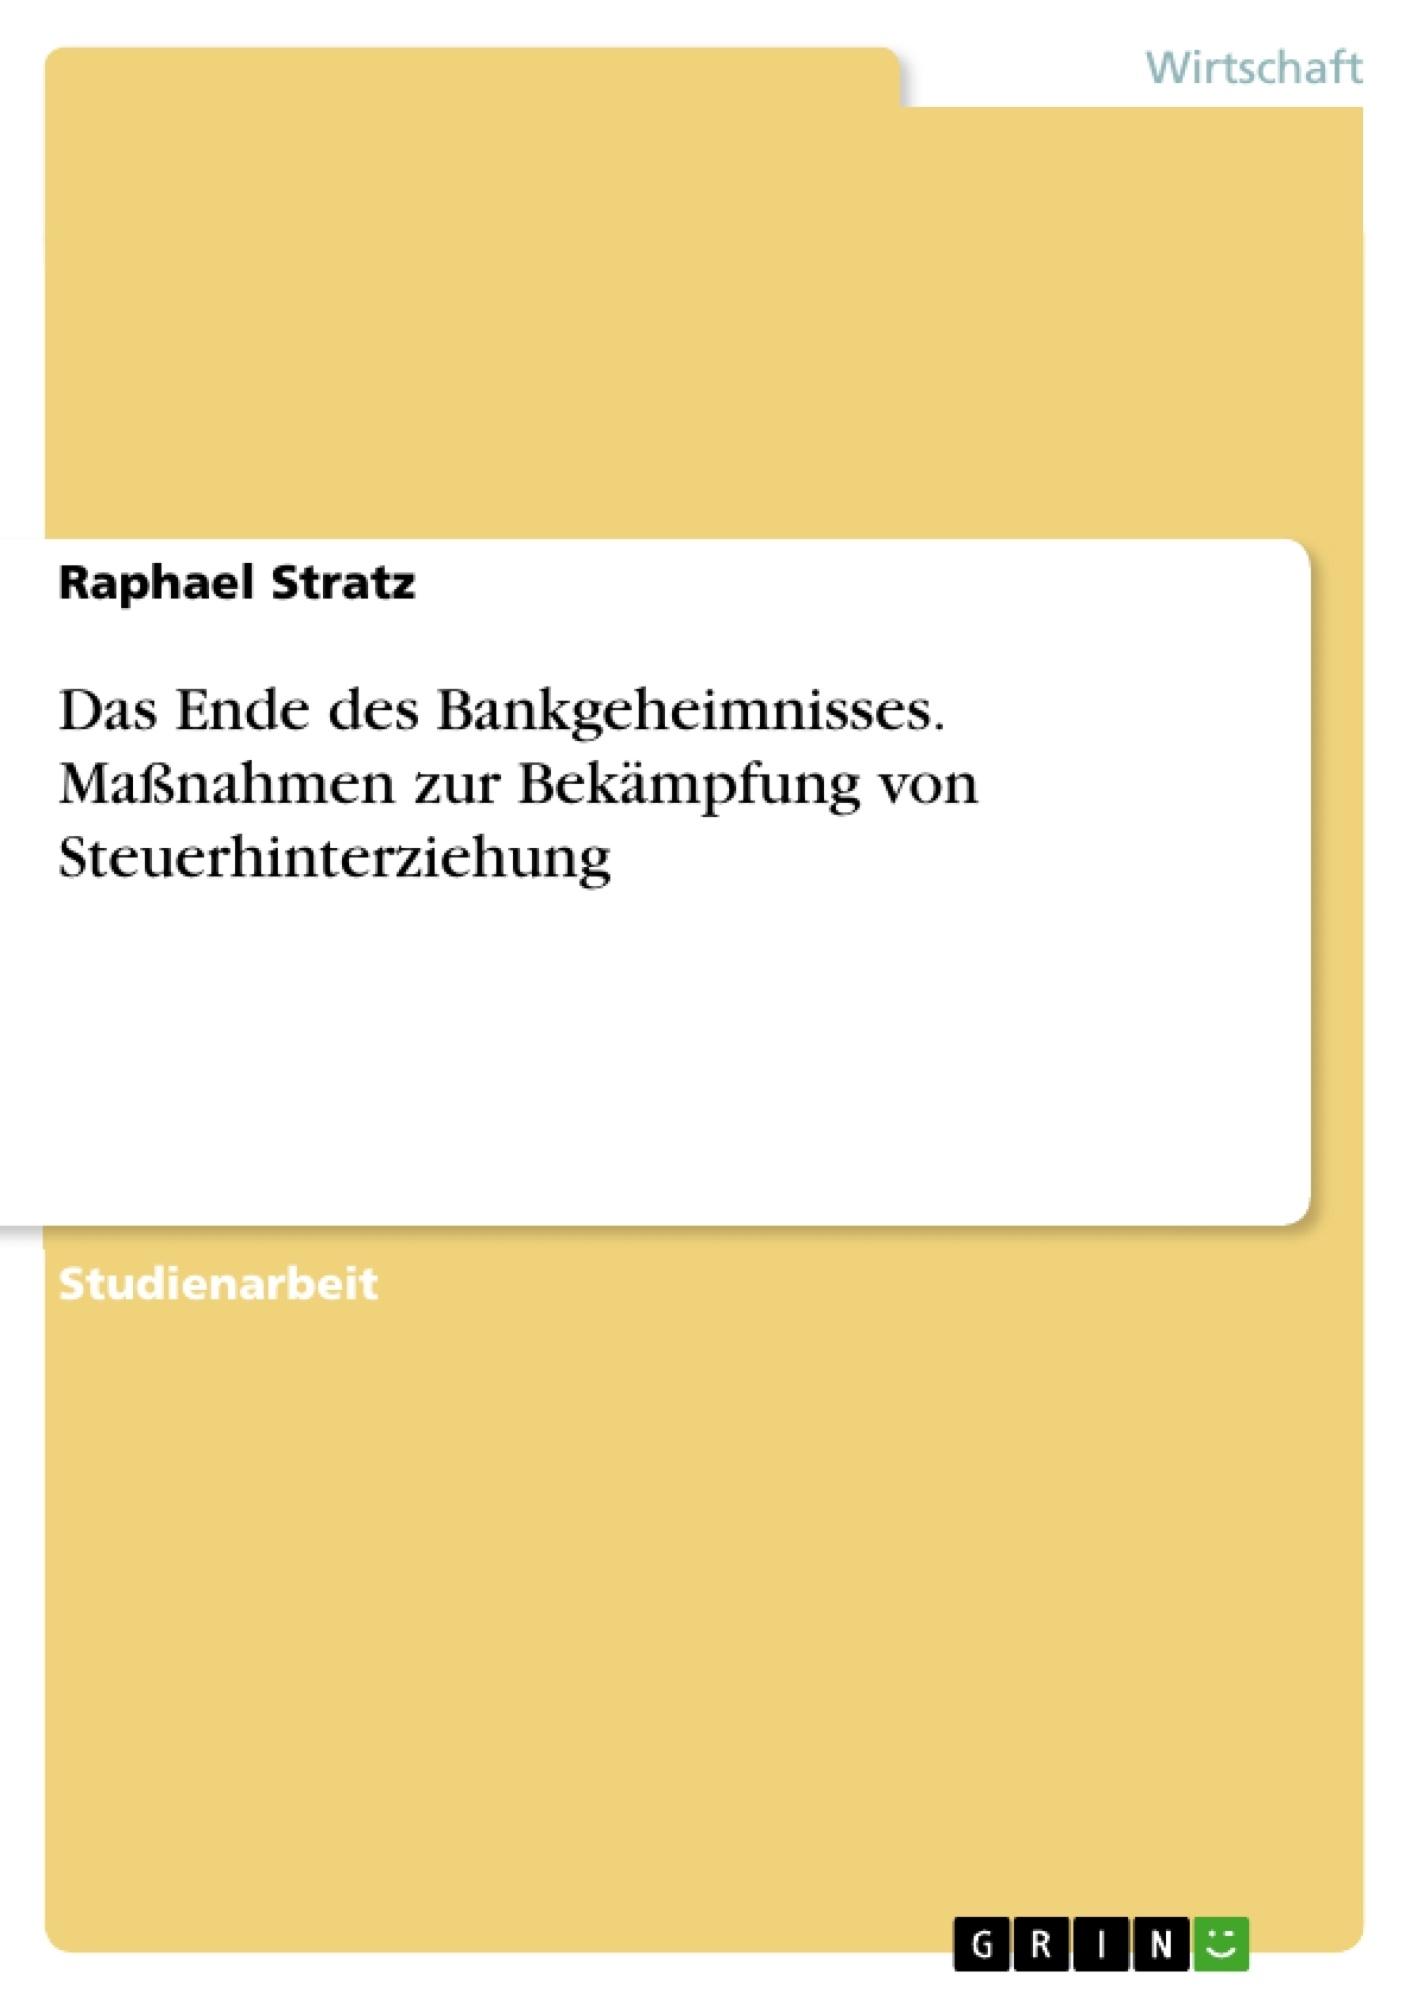 Titel: Das Ende des Bankgeheimnisses. Maßnahmen zur Bekämpfung von Steuerhinterziehung